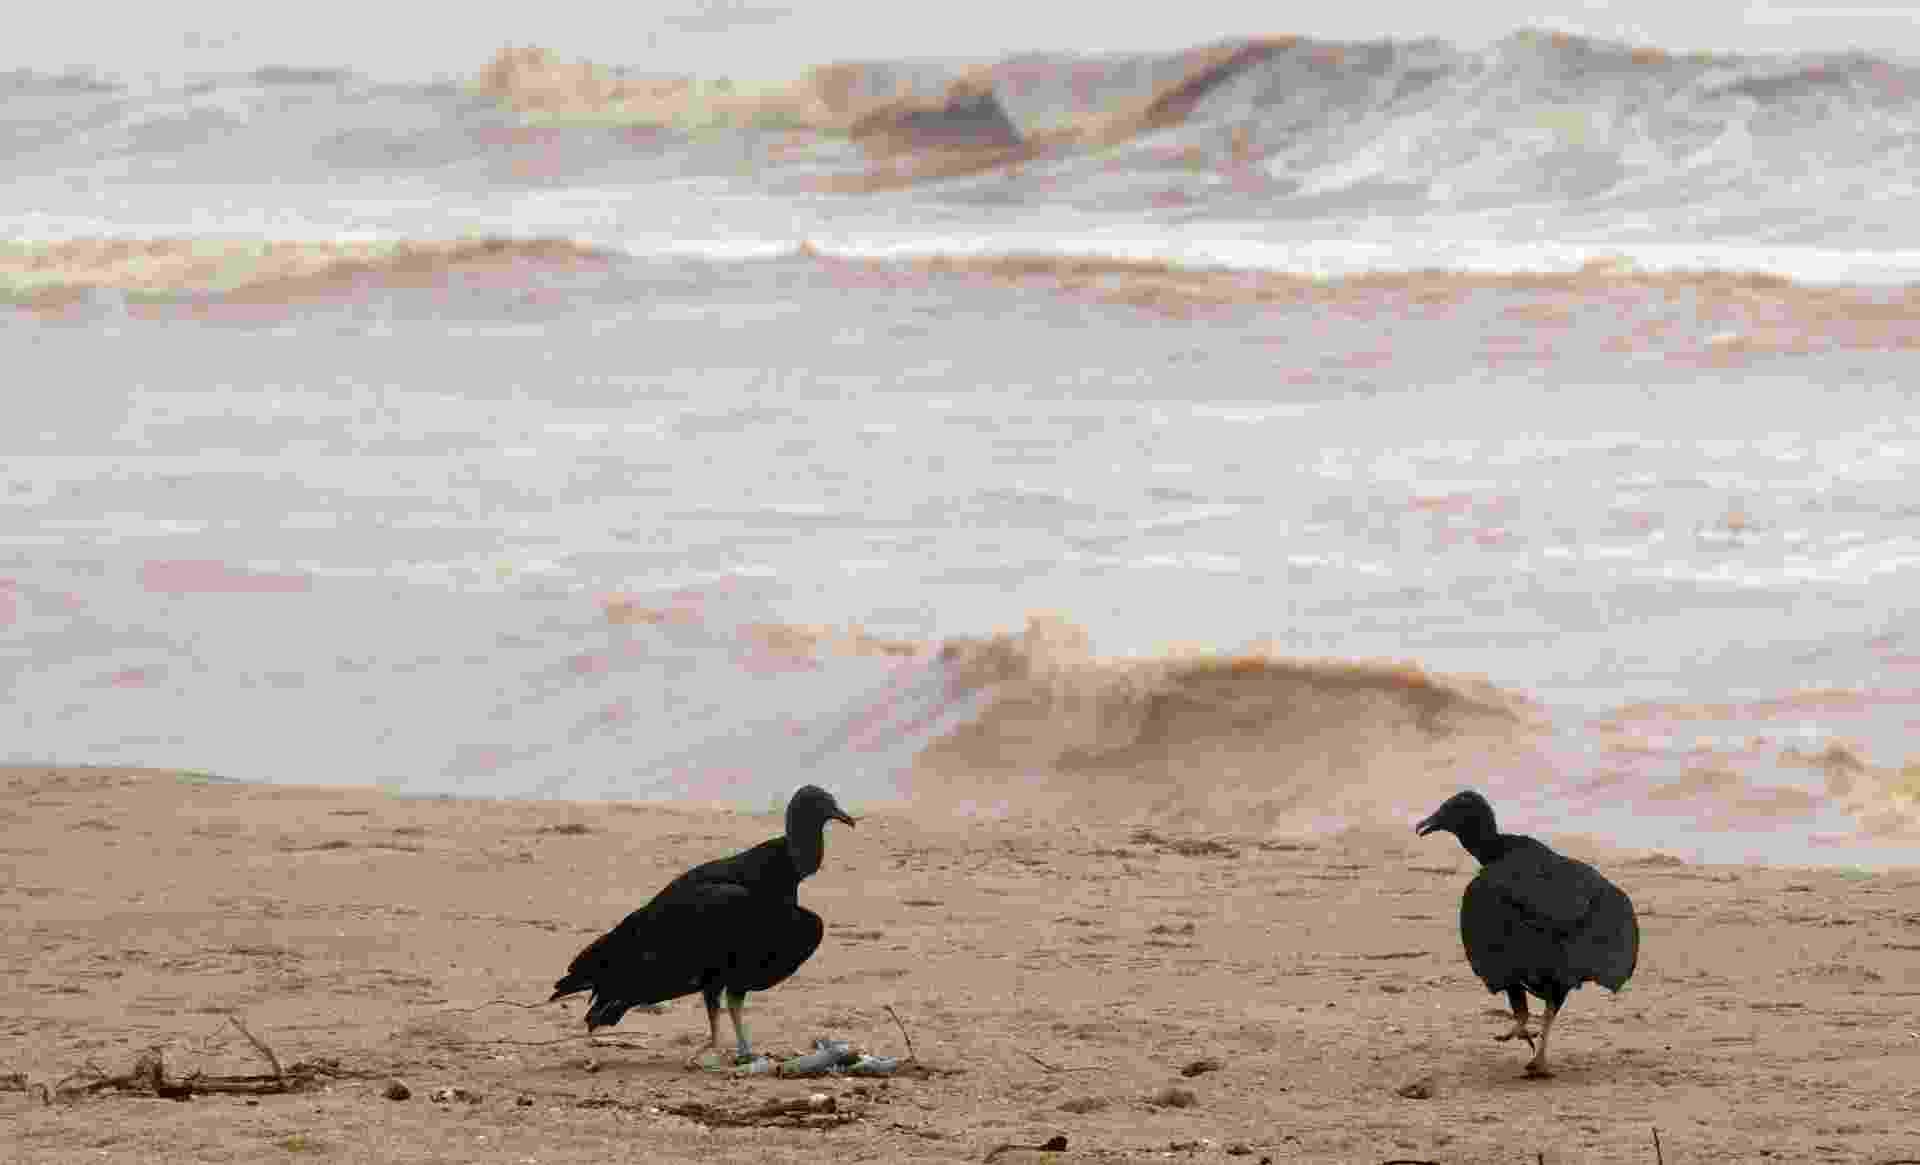 23.nov.2015 - Urubus comer peixes mortos encontrados na praia Povoação, perto da foz do Rio Doce), que foi inundado com lama após os rejeitos da barragem que se rompeu em Mariana (MG) atingirem o litoral do Espírito Santo - Ricardo Moraes/Reuters